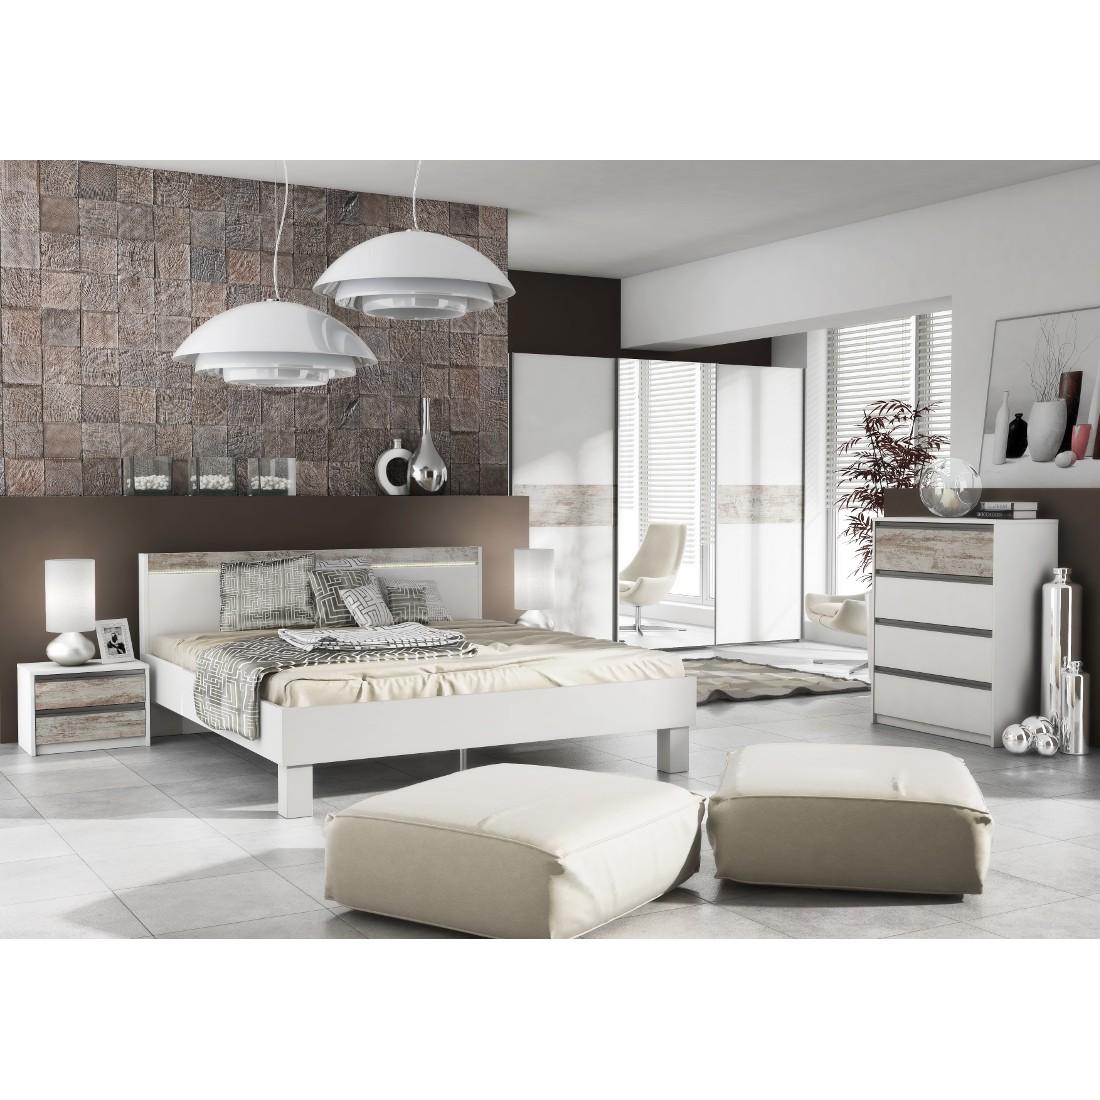 Schlafzimmer Komplett Elektra - Dekor - Weiß - 90 x 165 x ...